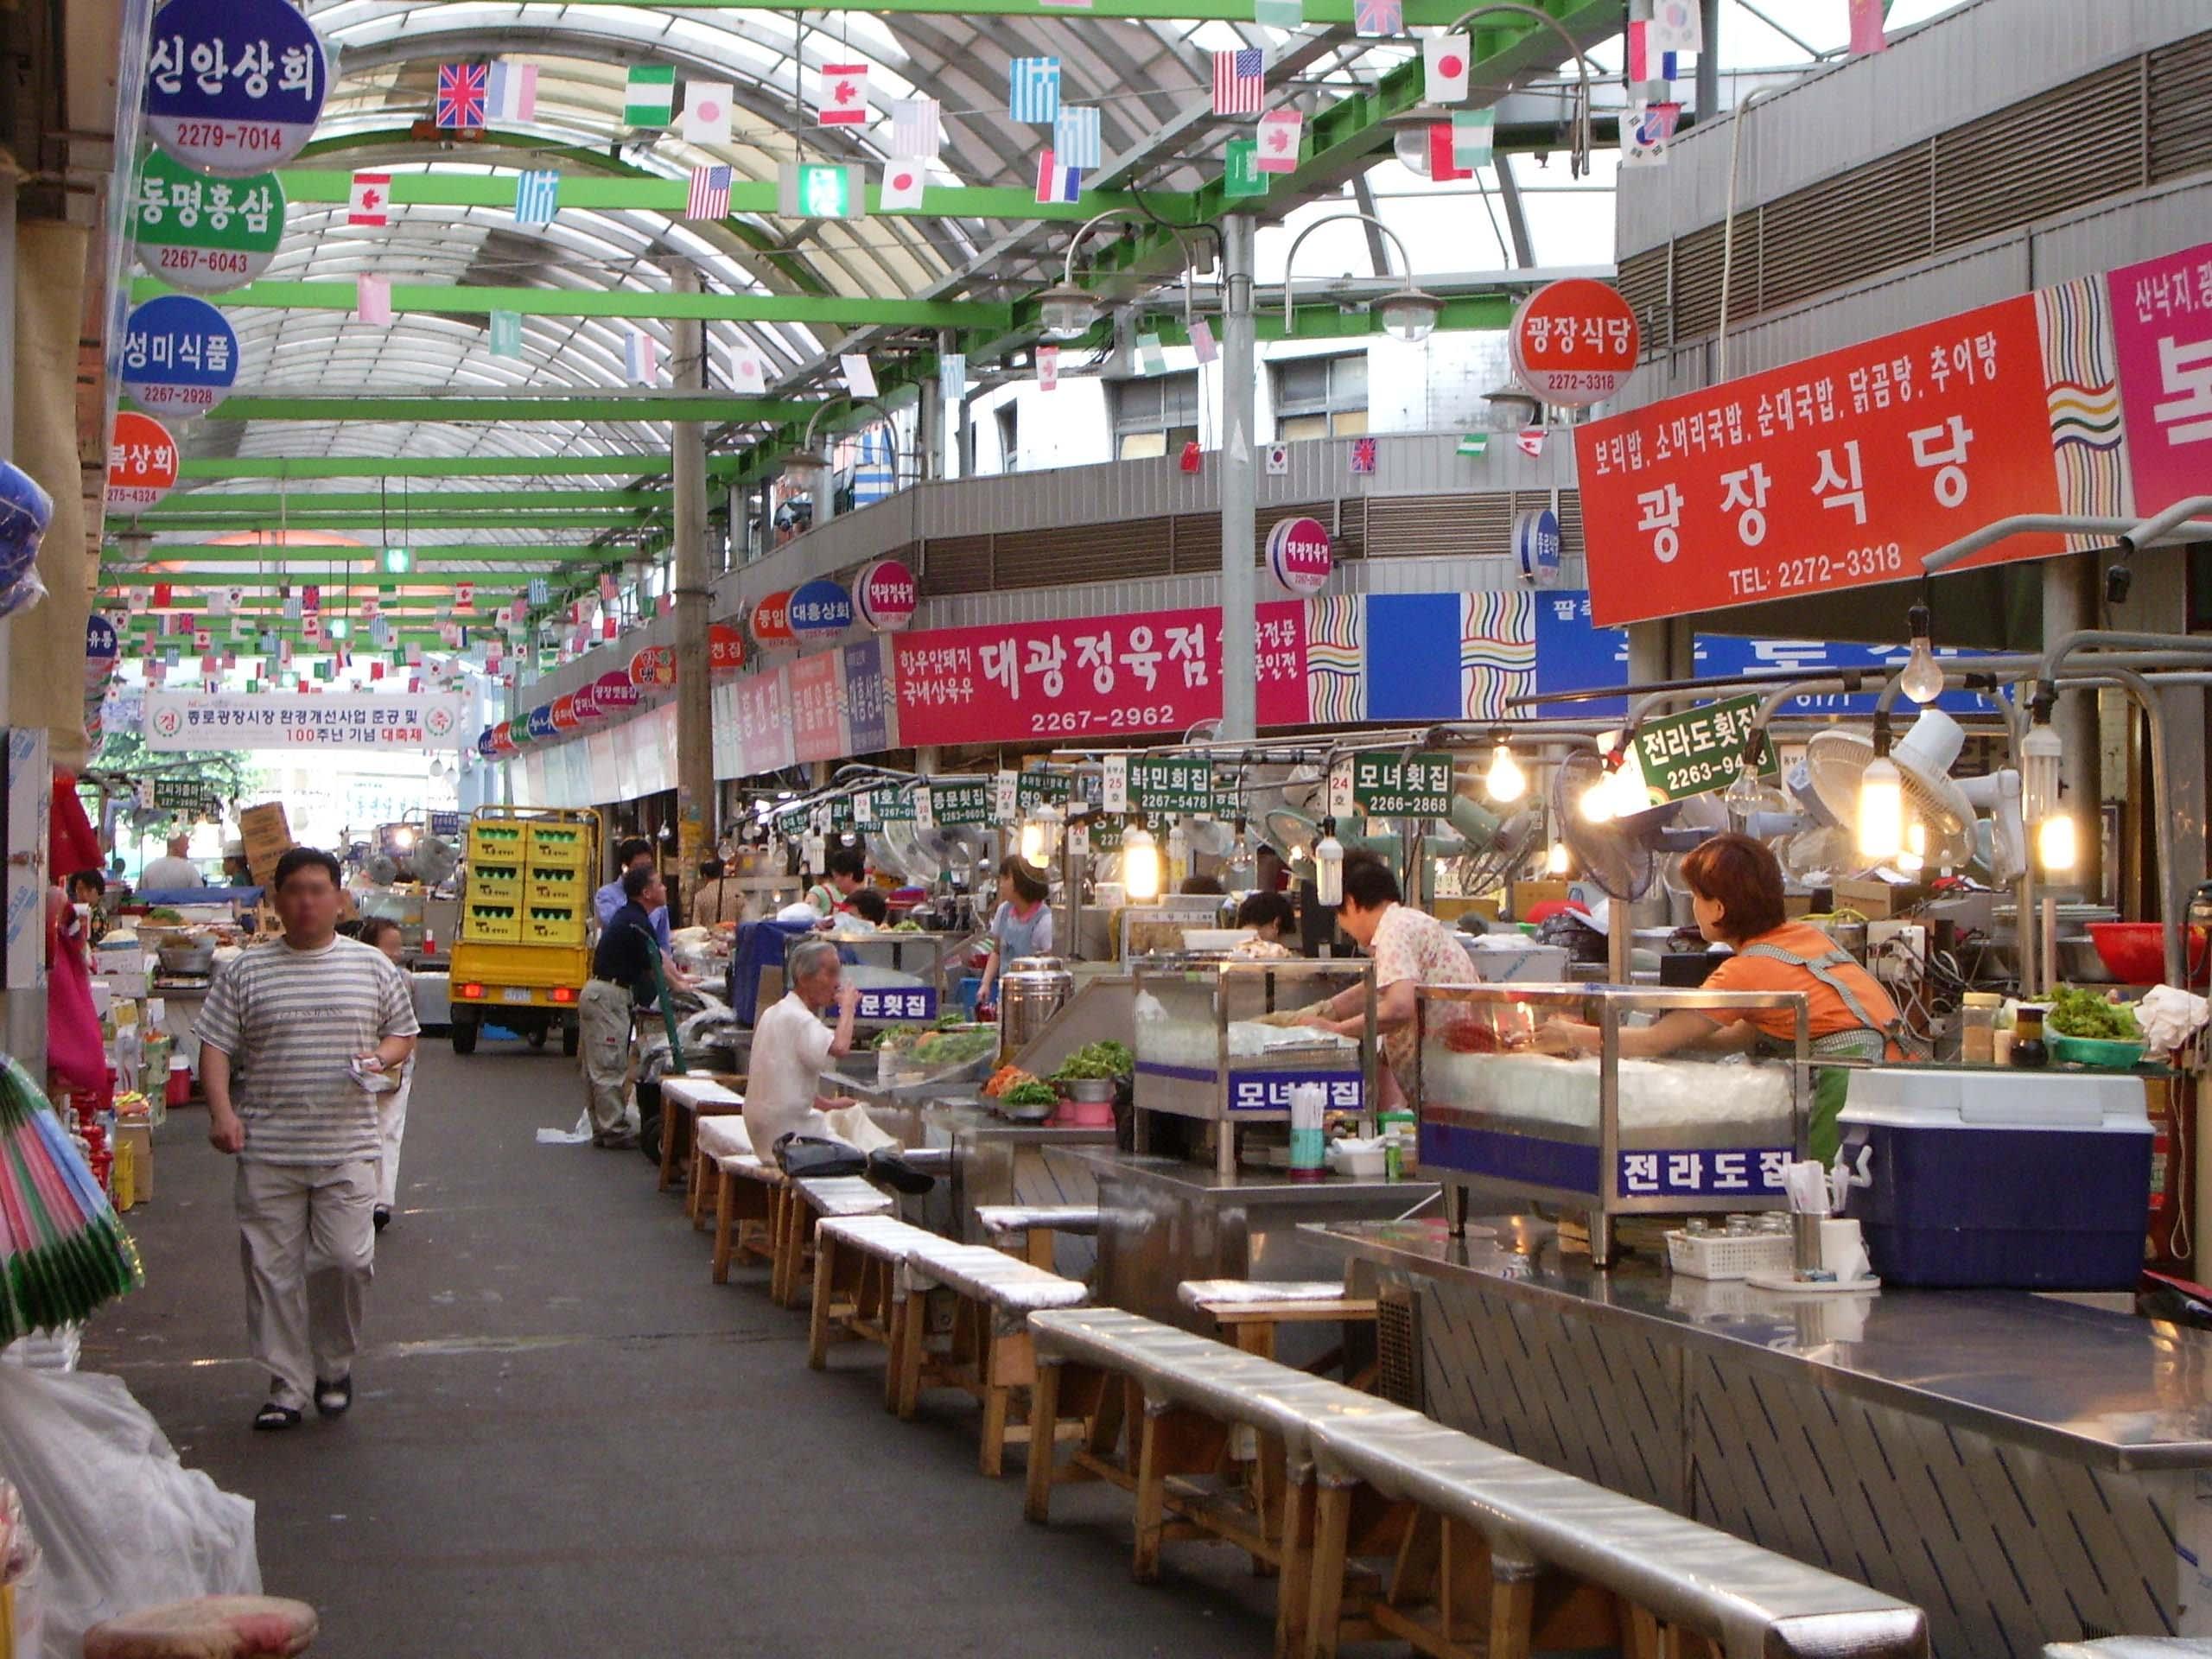 chợ dongdaemun là một chợ đêm hàn quốc nổi tiếng